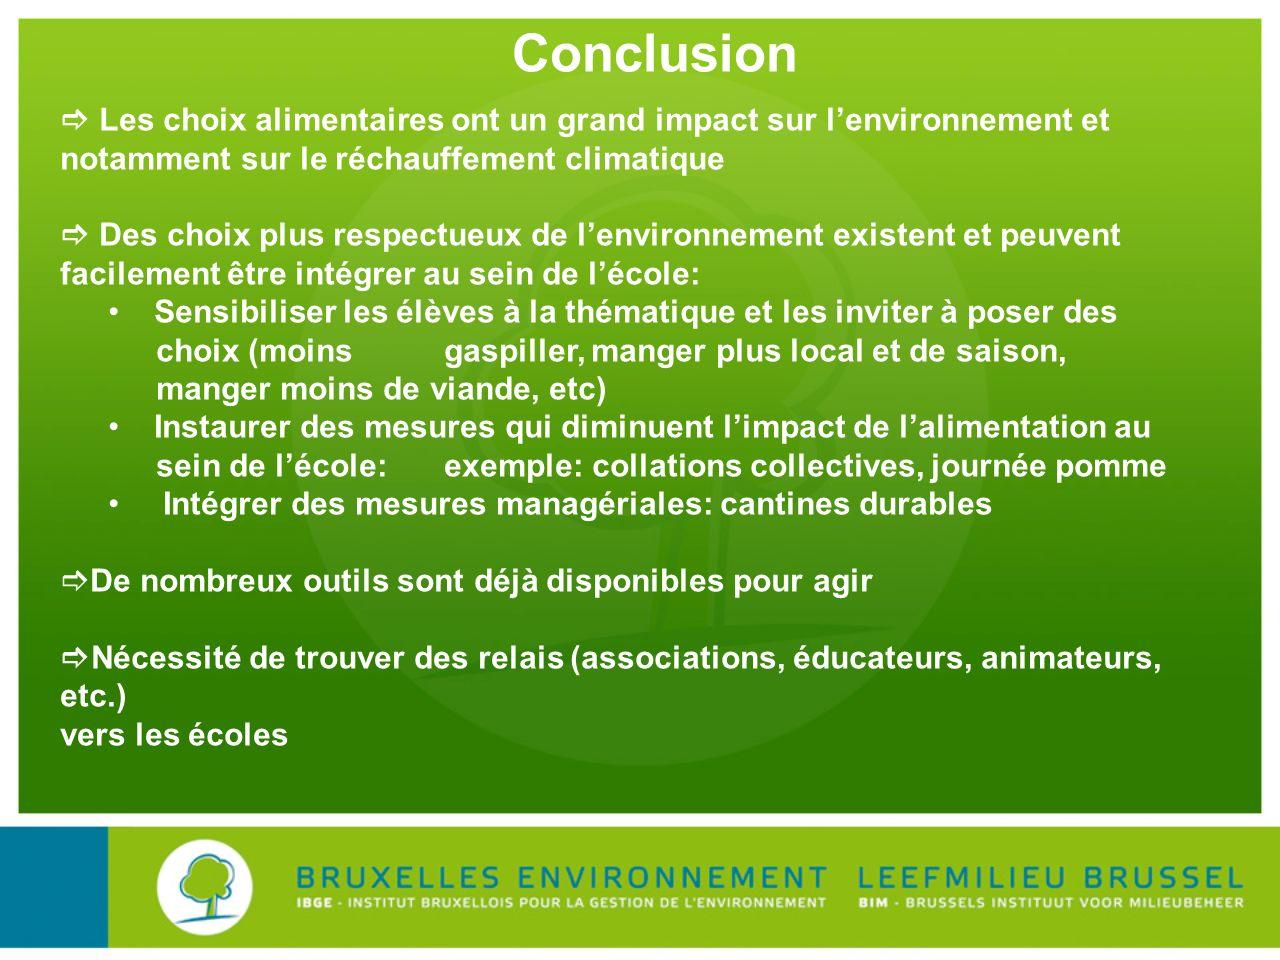 Conclusion Les choix alimentaires ont un grand impact sur lenvironnement et notamment sur le réchauffement climatique Des choix plus respectueux de le